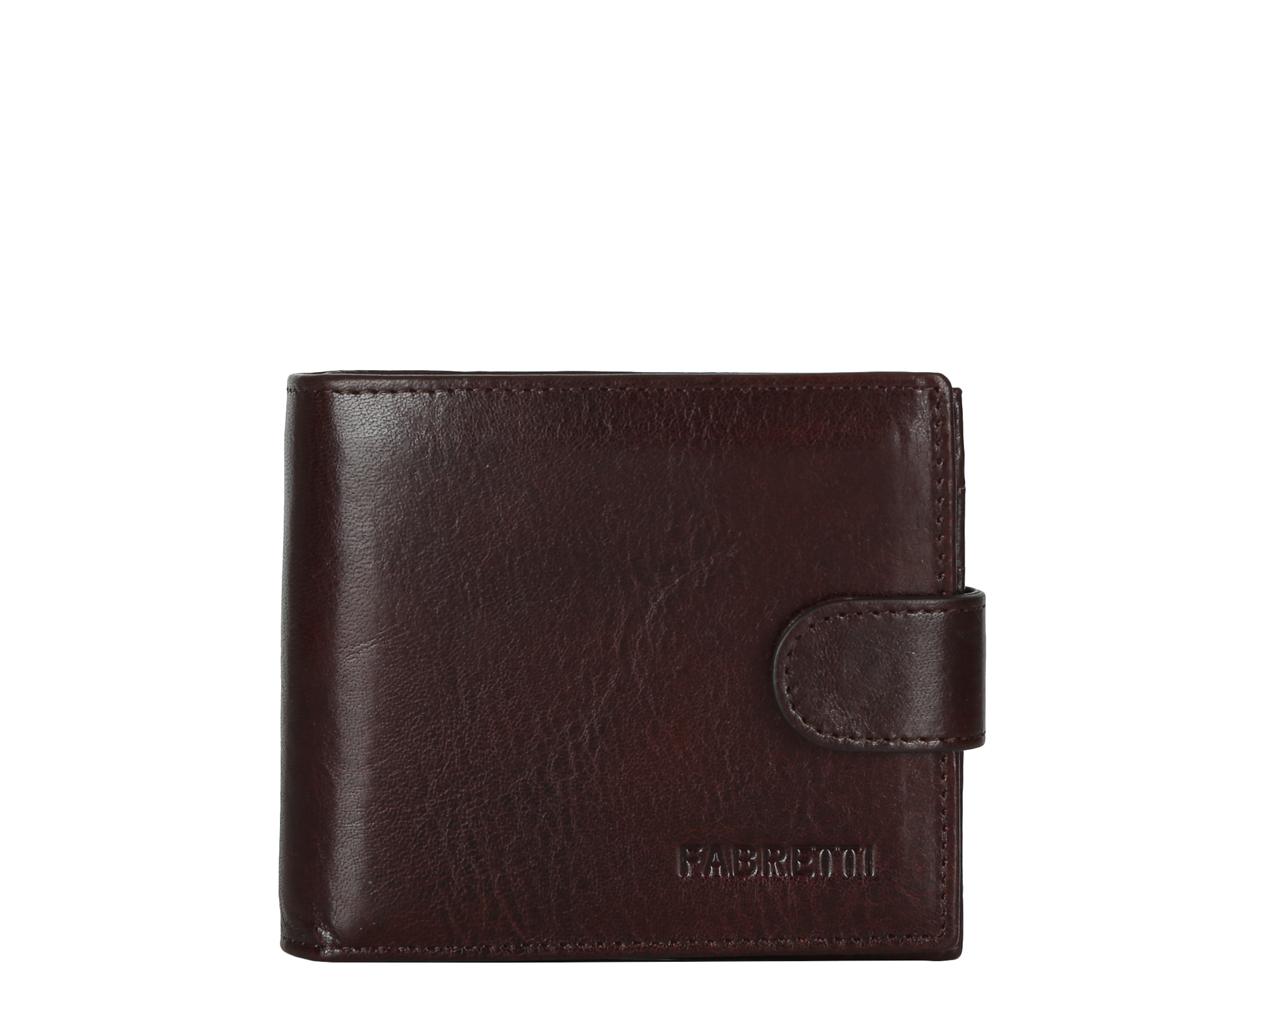 Кошелек мужской Fabretti, цвет: коричневый. 35023-brown35023-brownМужской кошелек от итальянского бренда Fabretti выполнен из натуральной кожи, которая имеет мягкую и пористую фактуру. Утонченный темно-коричневый цвет и лаконичный дизайн подчеркнут ваш элегантный стиль. Внутри изделия находятся два отделения для купюр, одно из которых на прочной молнии. Вы с легкостью сможете расположить свои кредитные и дисконтные карты с помощью 8 отделений. На тыльной стороне кошелька дизайнеры разместили вместительный карман для мелочи. Закрывается аксессуар на прочную и удобную кнопку.